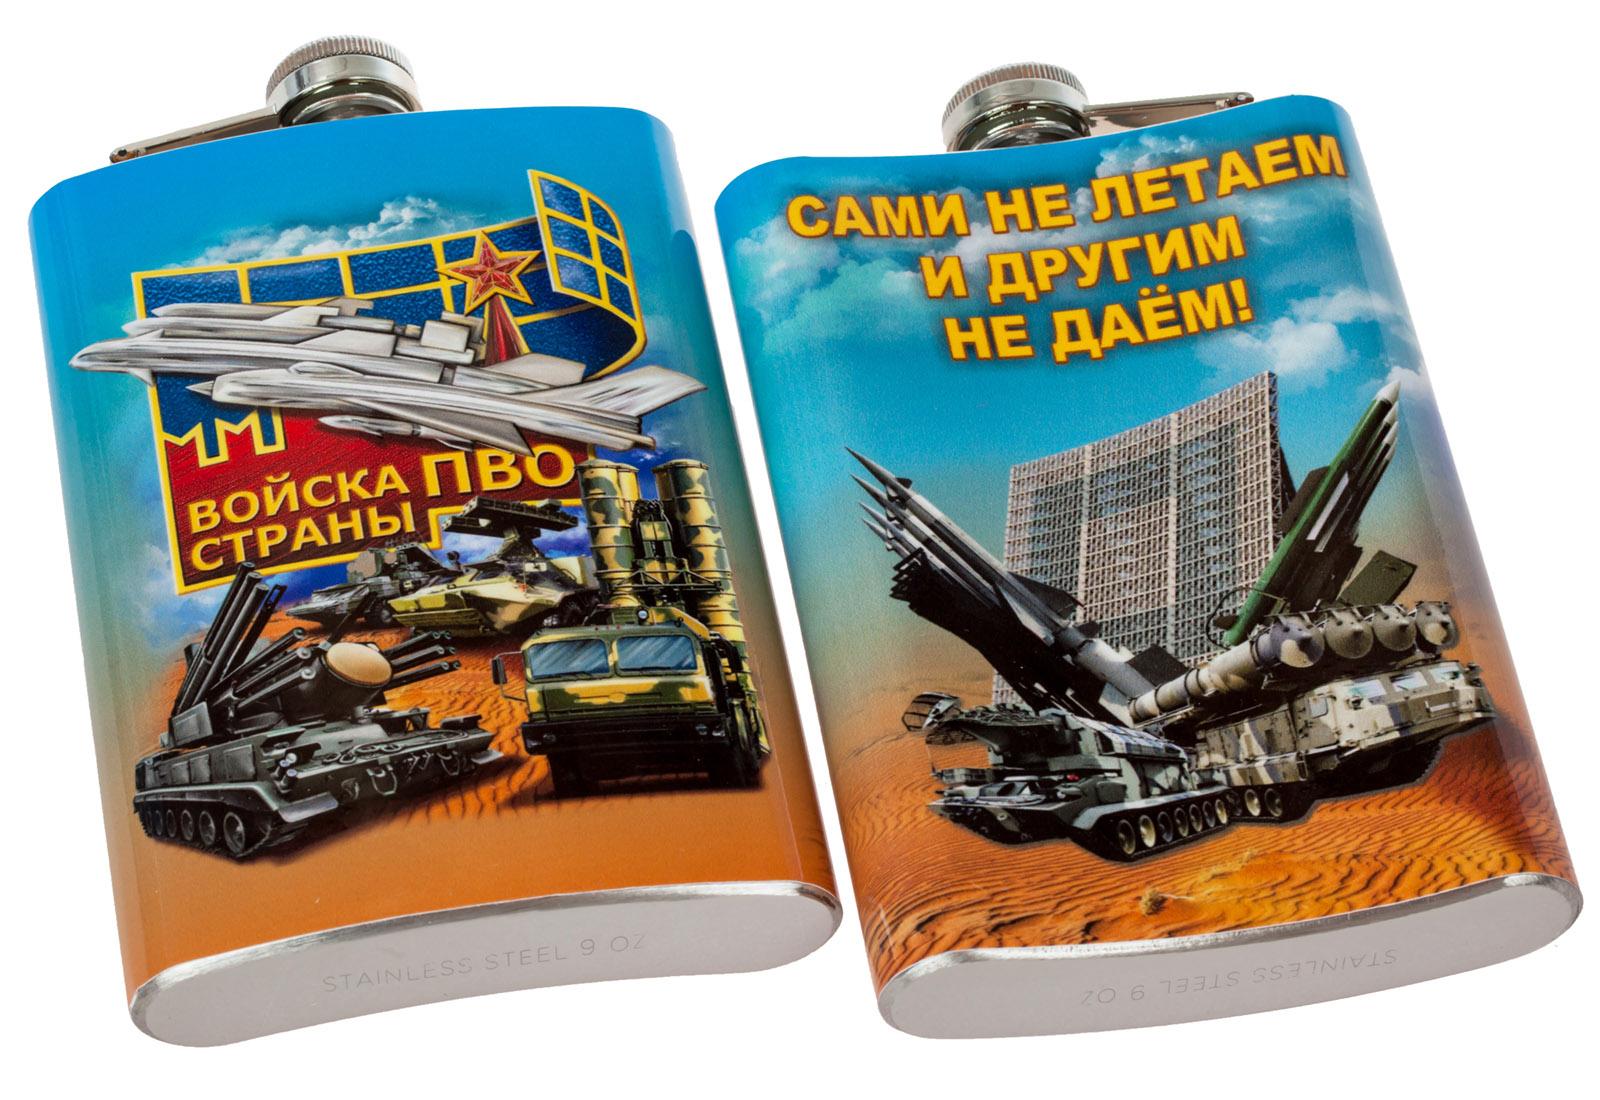 Фляжка ПВО с удобной доставкой от Военторга Военпро